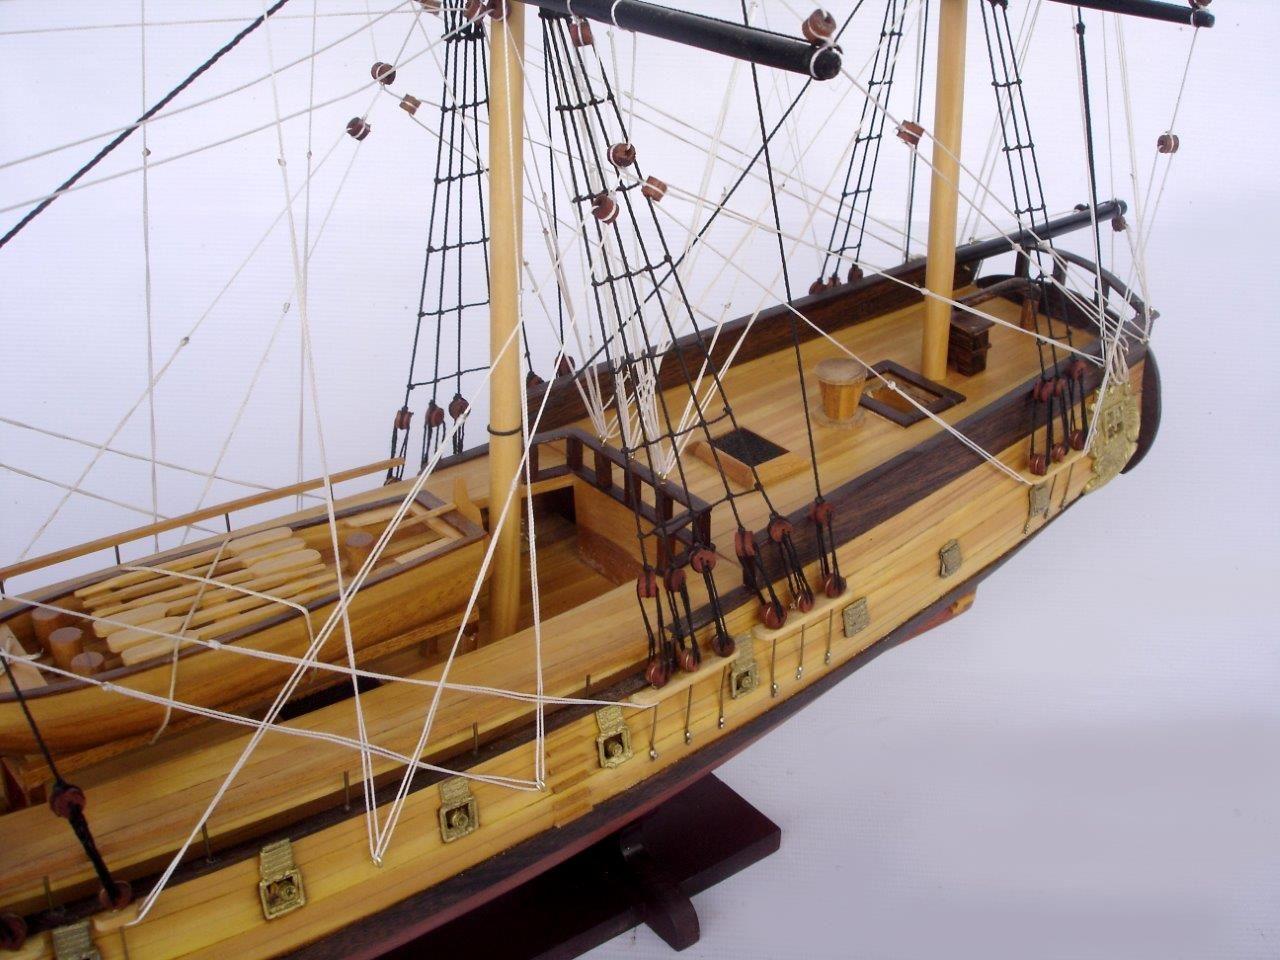 2096-12454-USS-Rattlesnake-Model-Ship